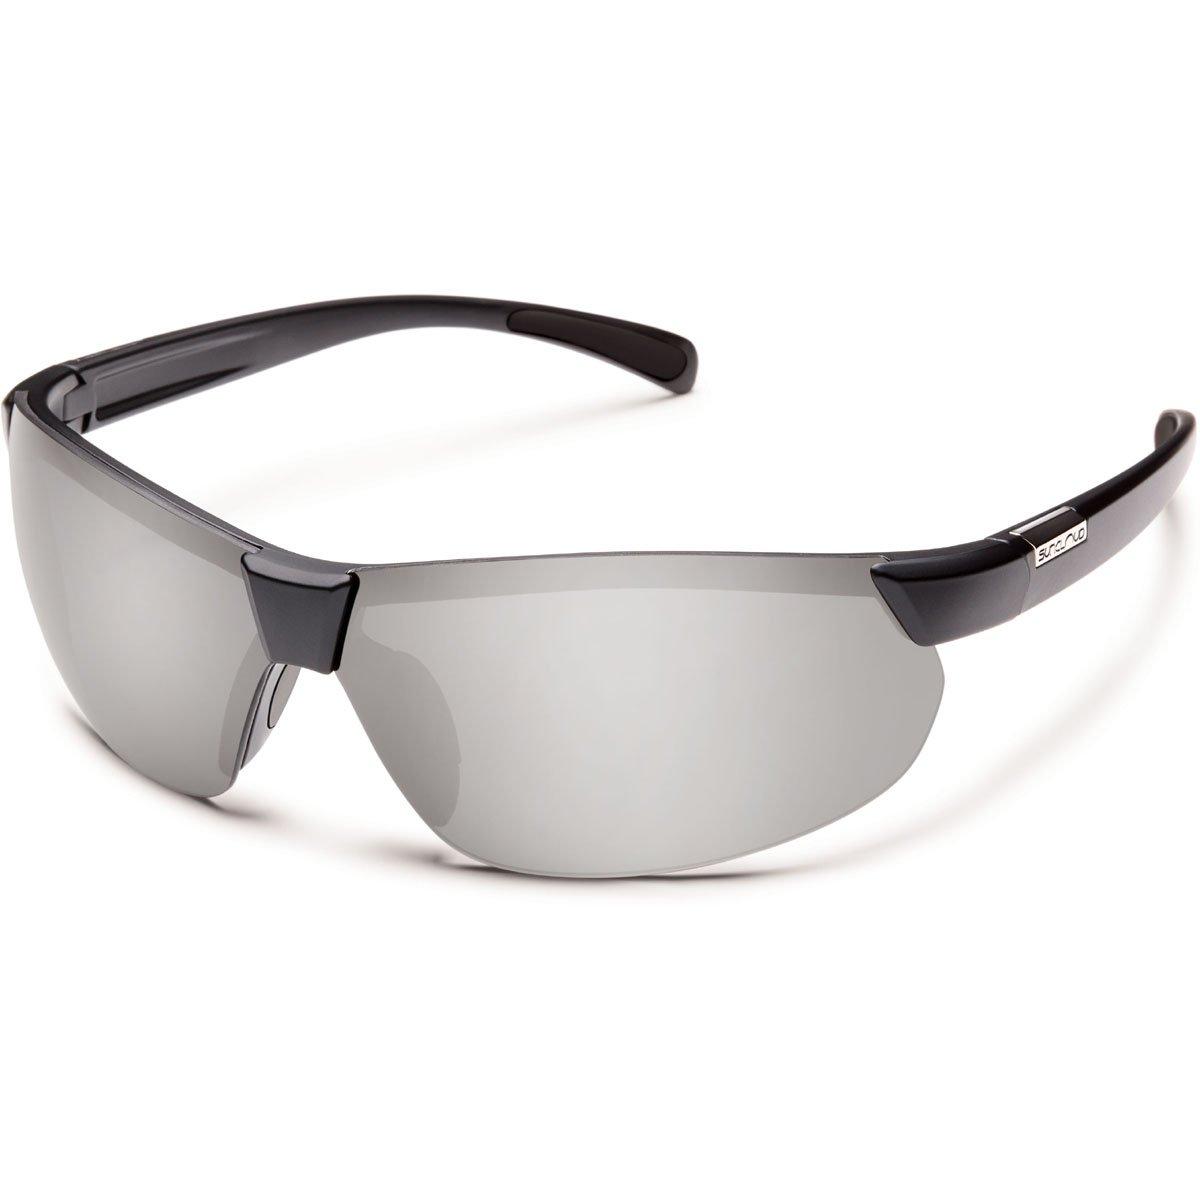 6eb06deae5 Suncloud Excursion Polarized Sunglasses Reviews « One More Soul